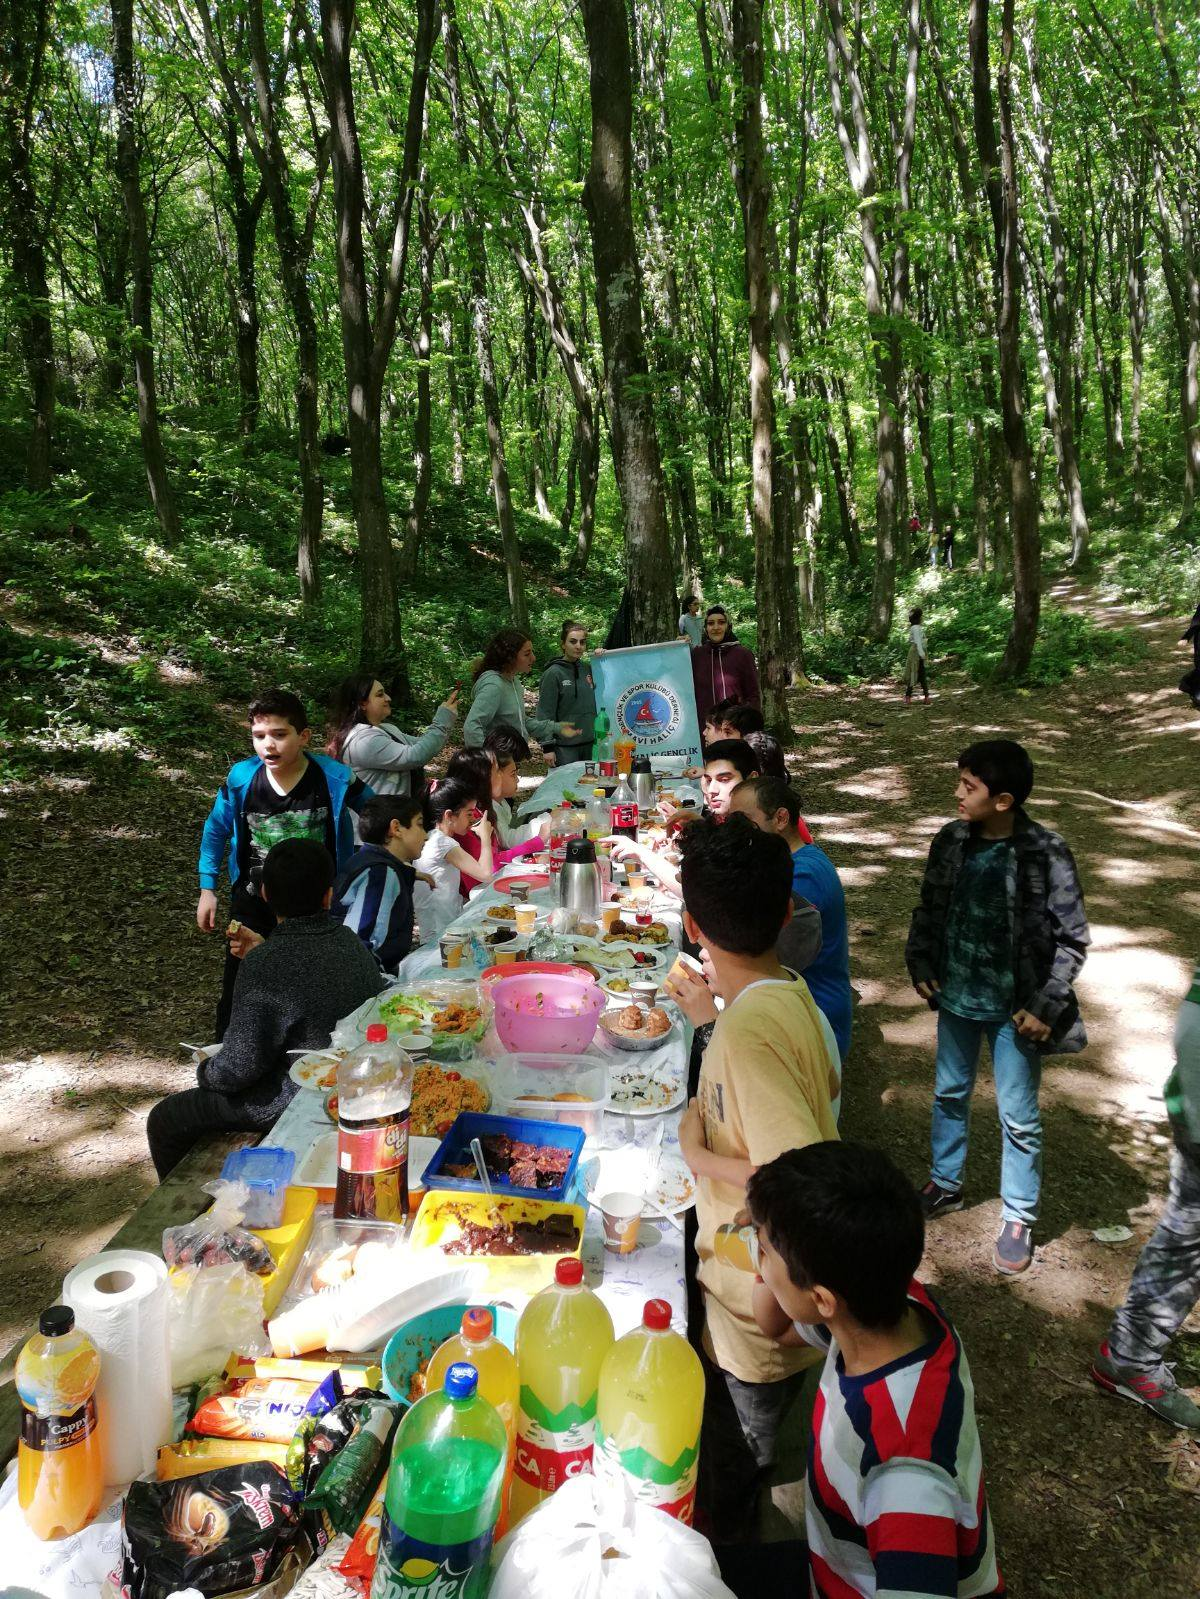 Mavi Haliç Bahar Pikniği - HABERLER - MAVİ HALİÇ Gençlik ve Spor Kulübü Derneği | Mavi Haliç